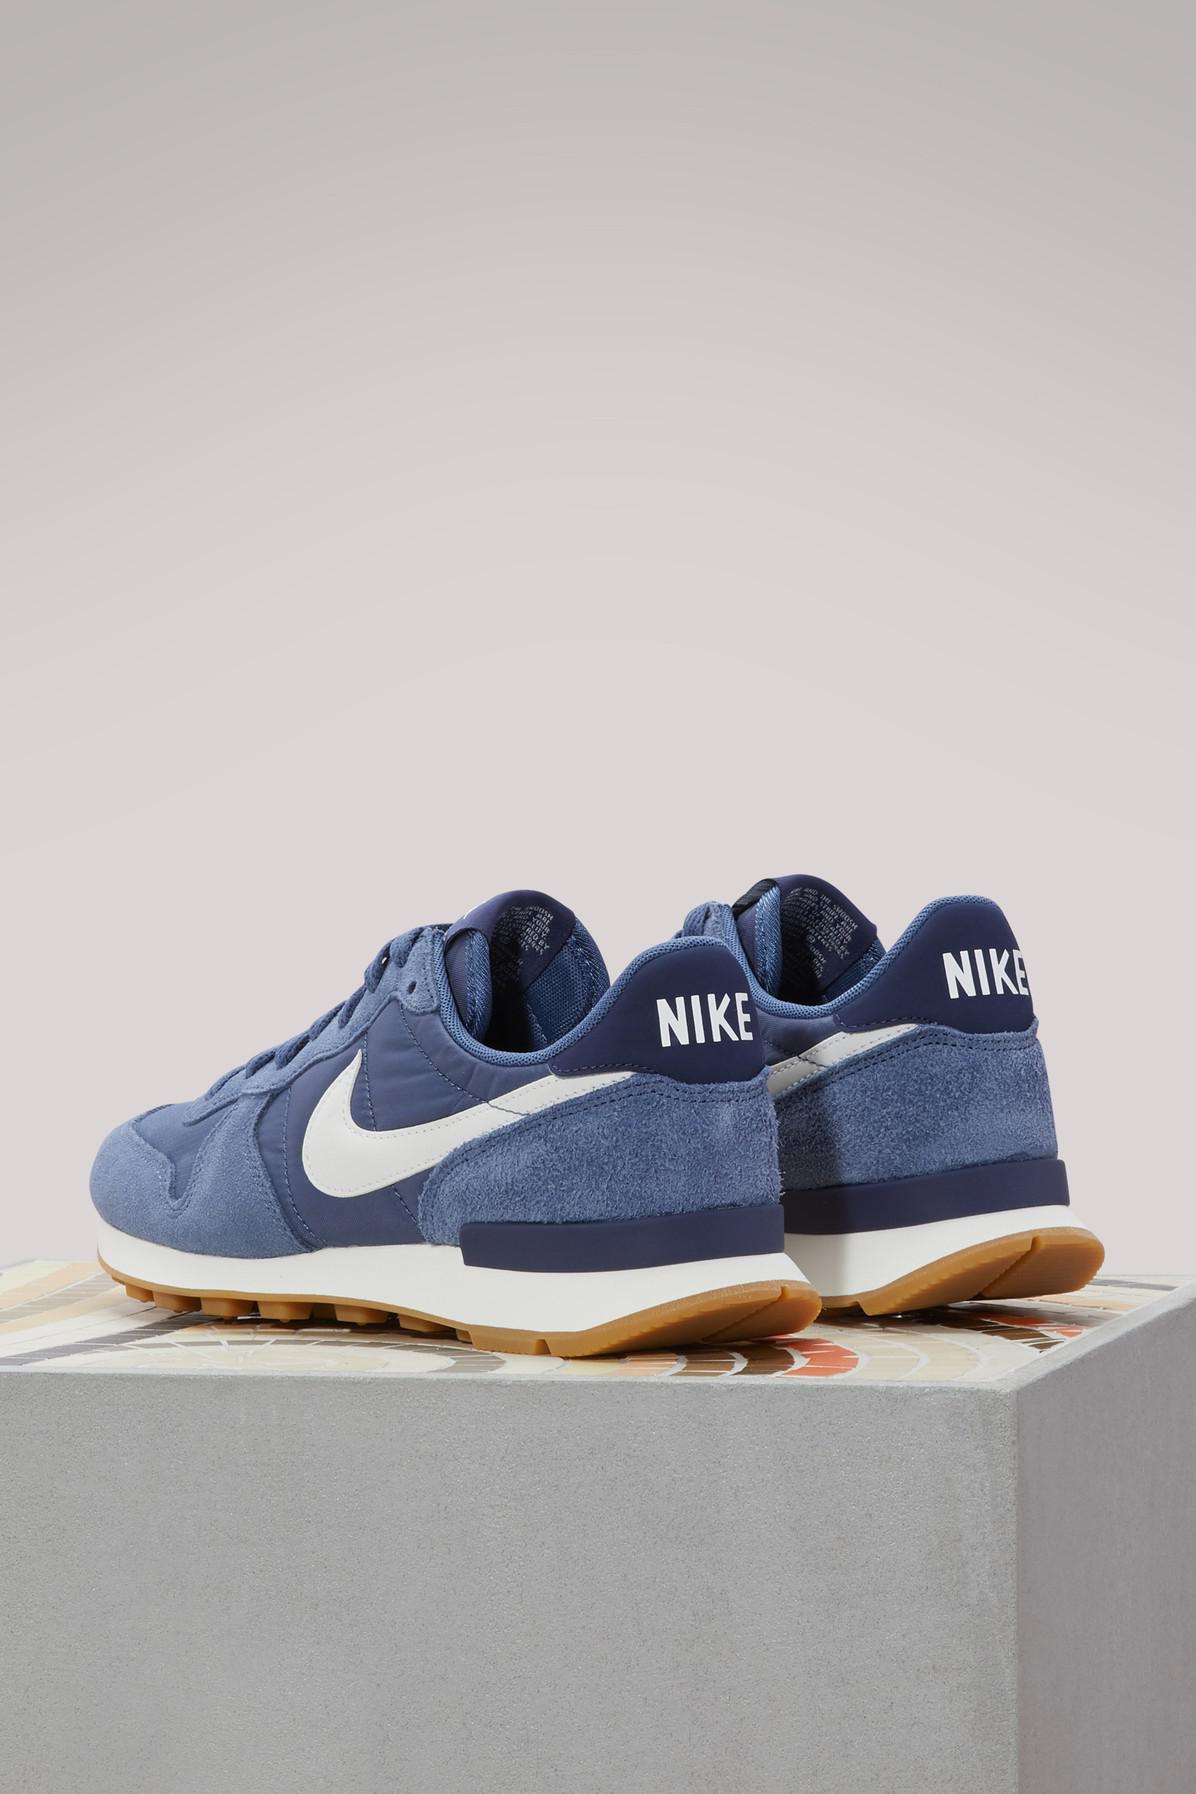 Nike Internationalist Sneakers in Blue - Lyst